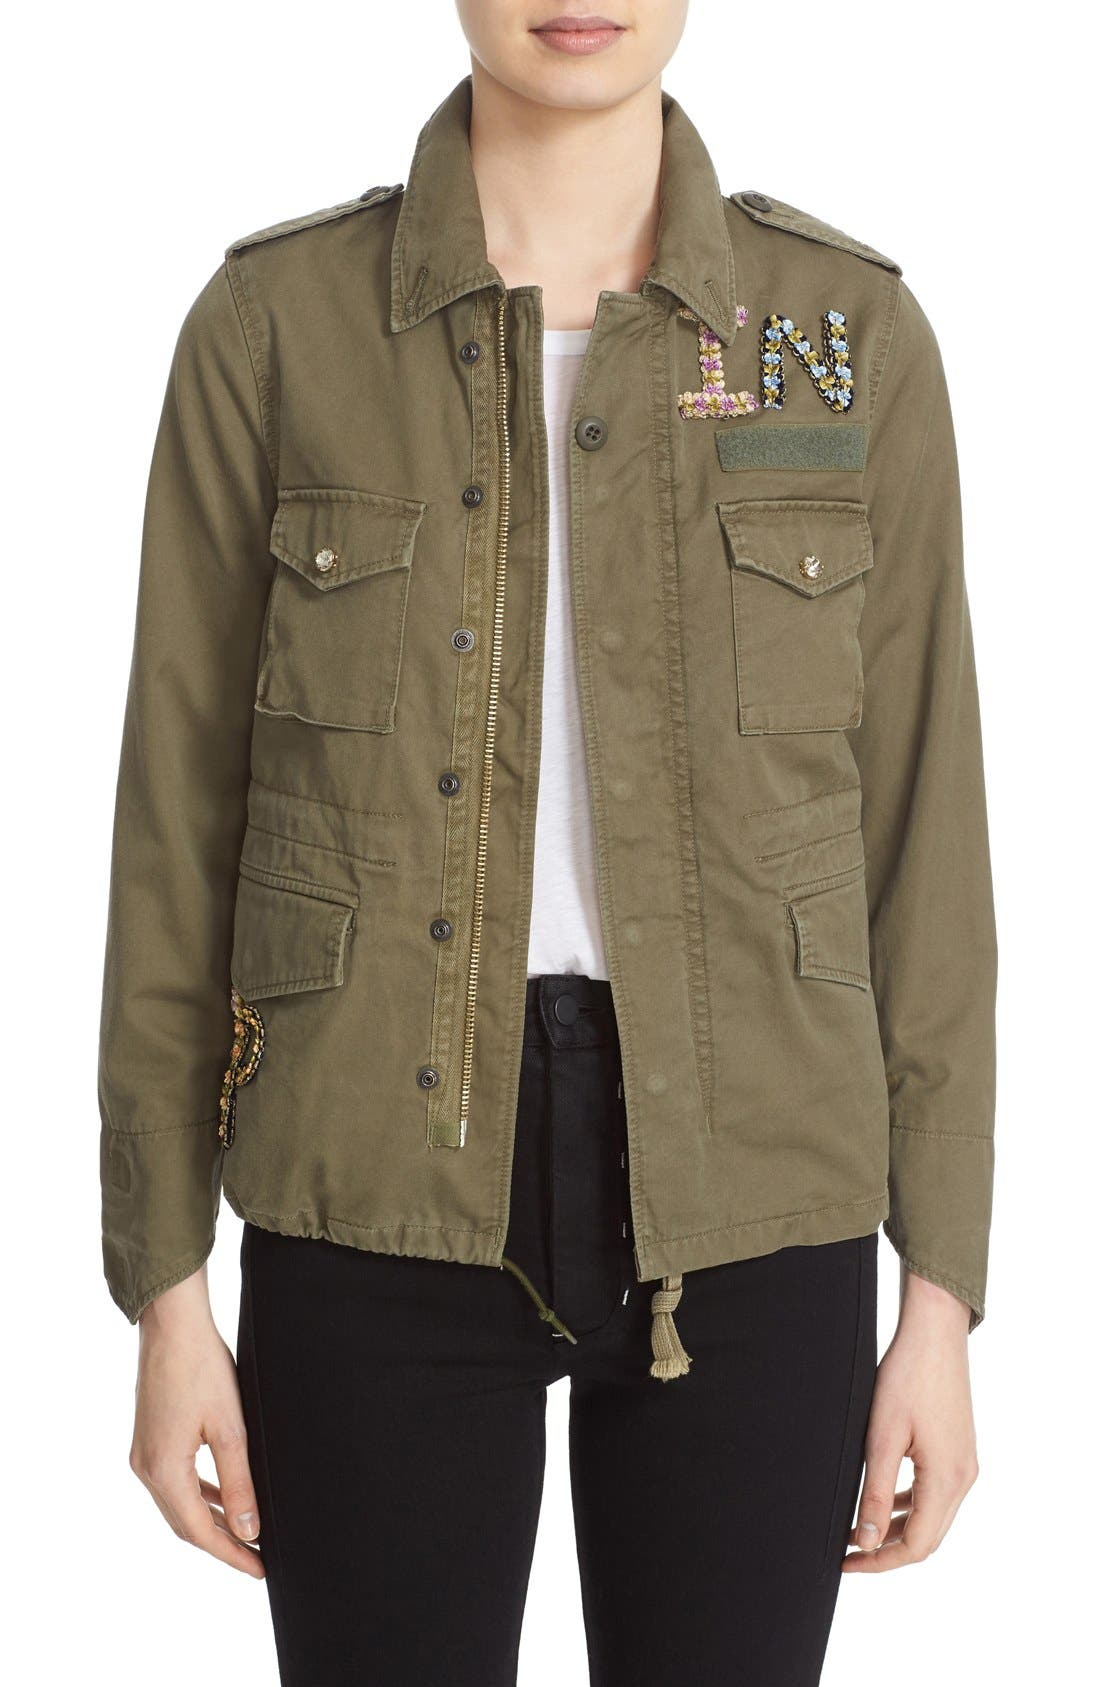 Alternate Image 1 Selected - Tu es mon TRÉSOR 'The End' Embellished Military Jacket